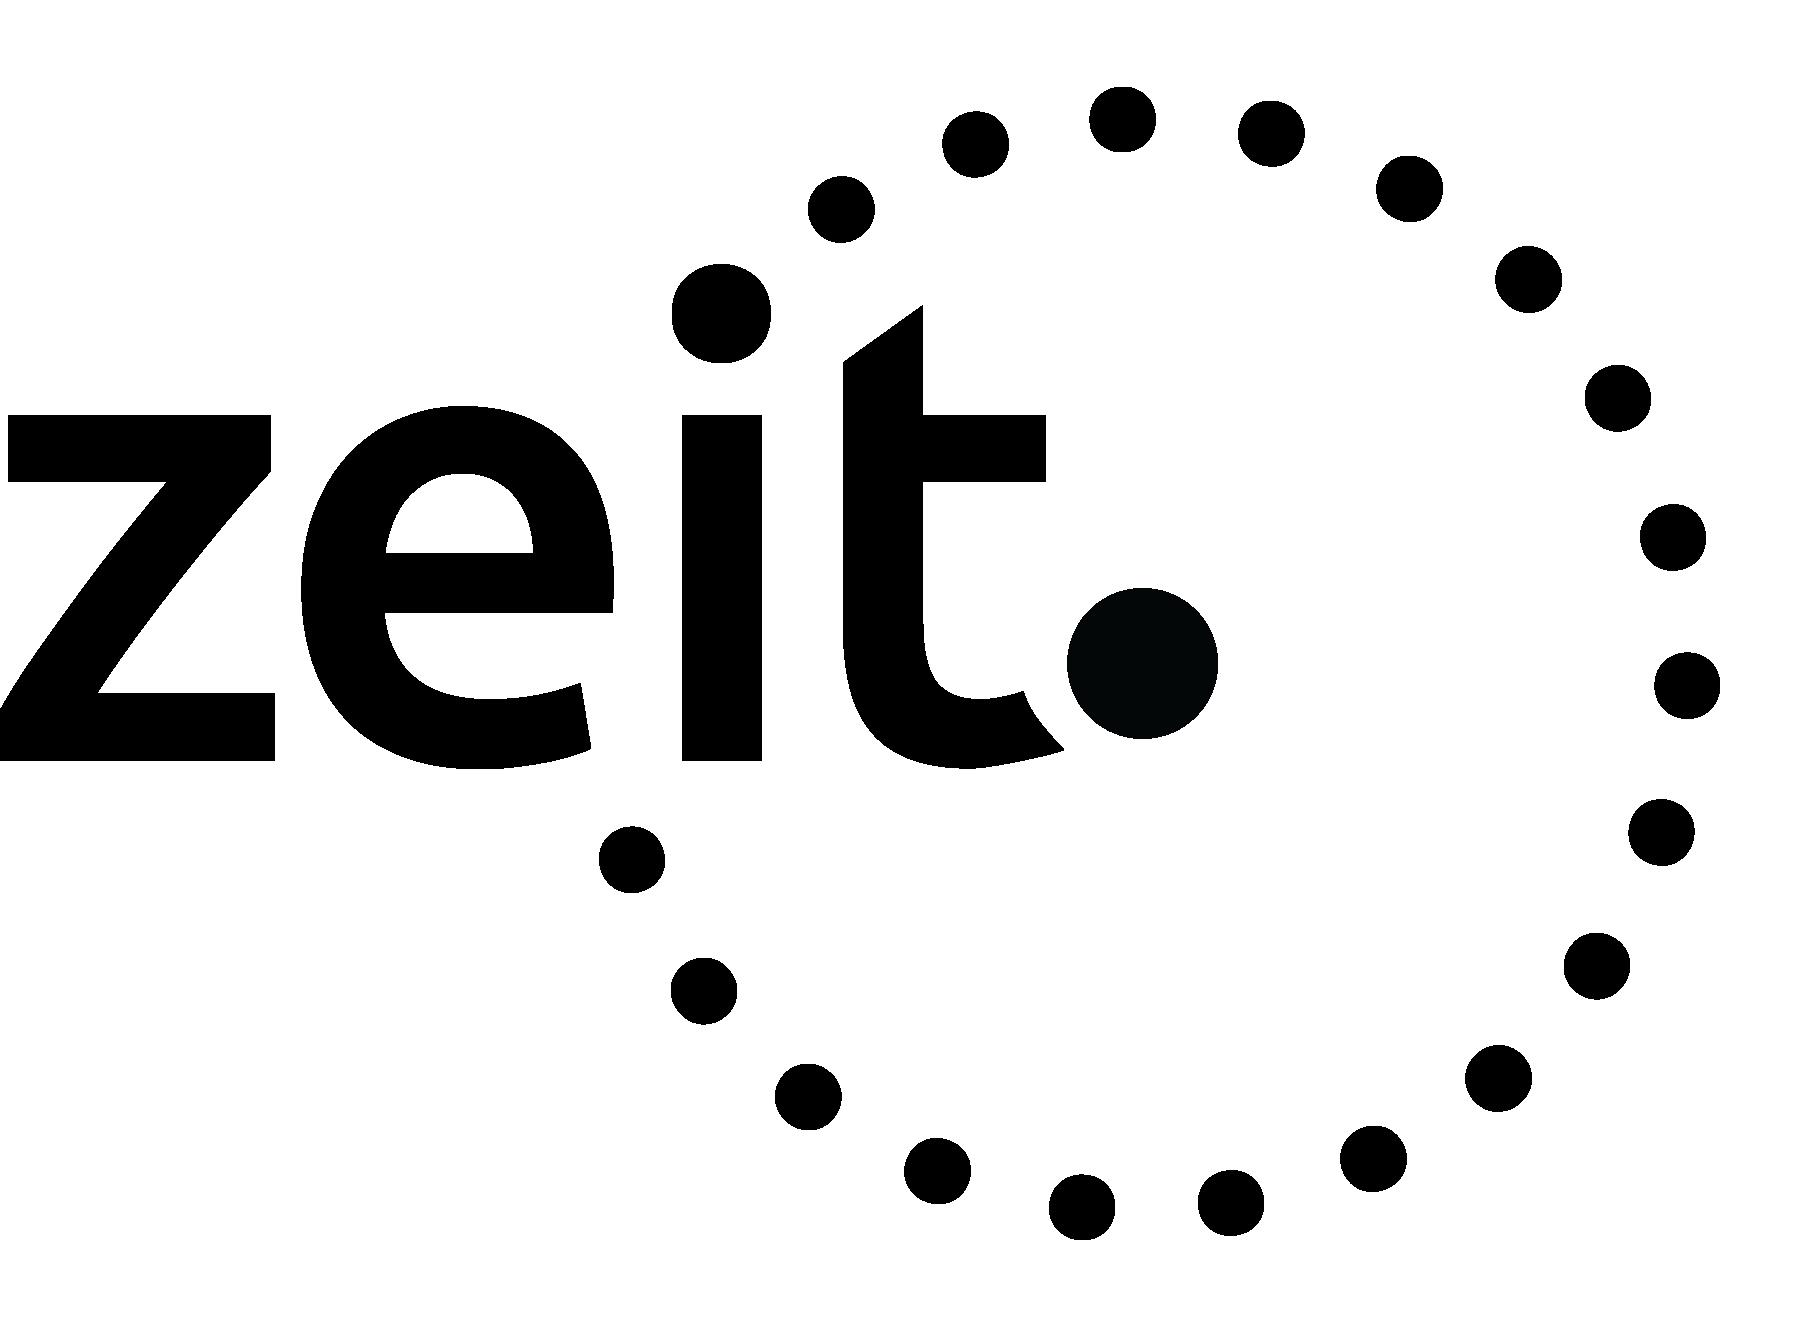 zeit.logo_V.2_schwarz_300bpi